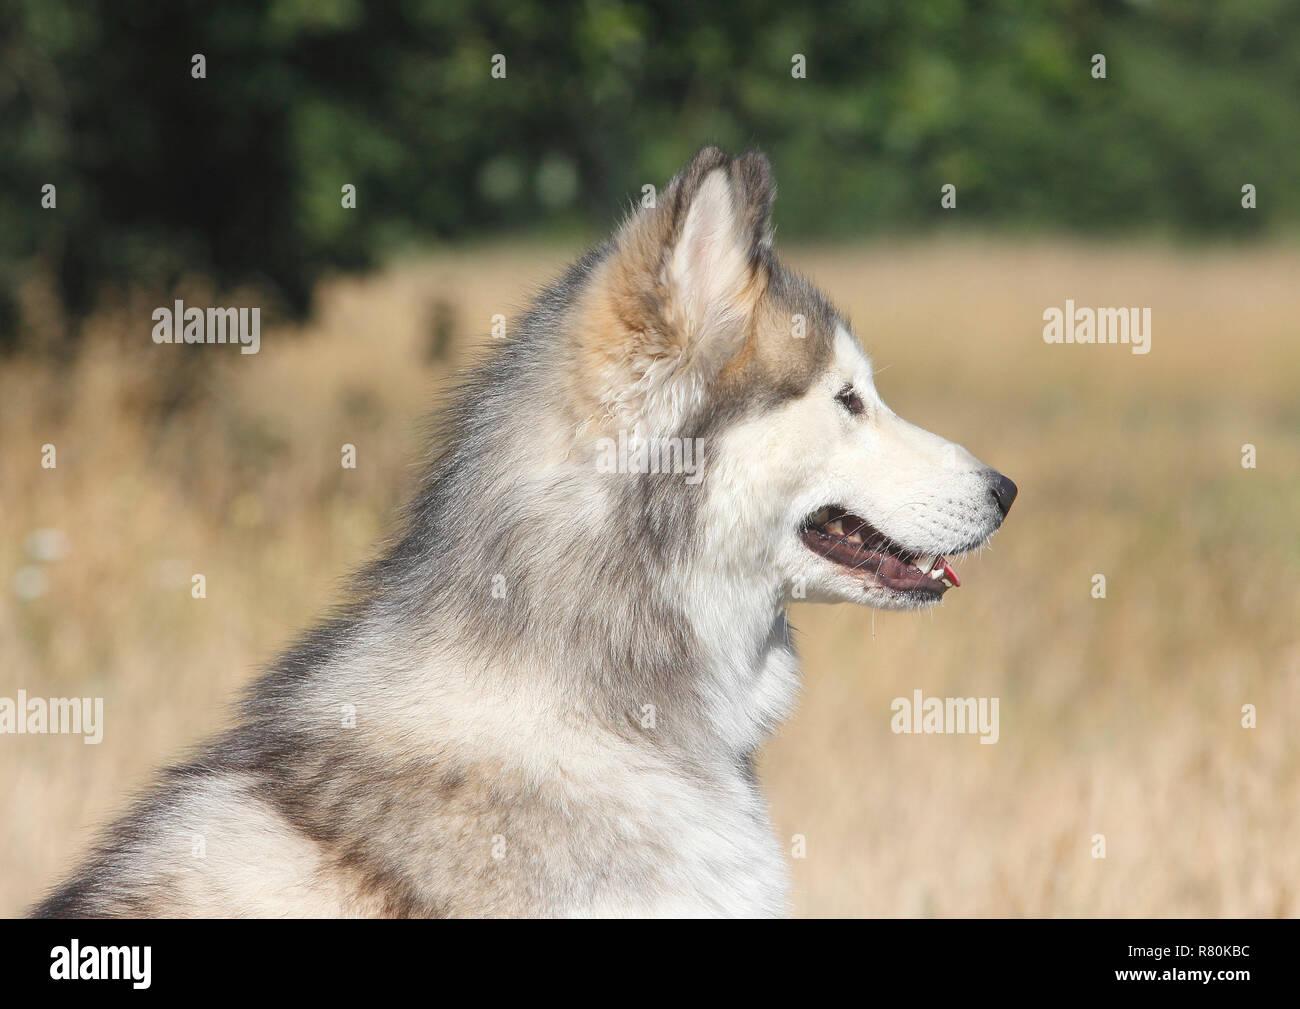 Siberian Husky X Malamute Portrait Of Male 2 Years Old Seen Side